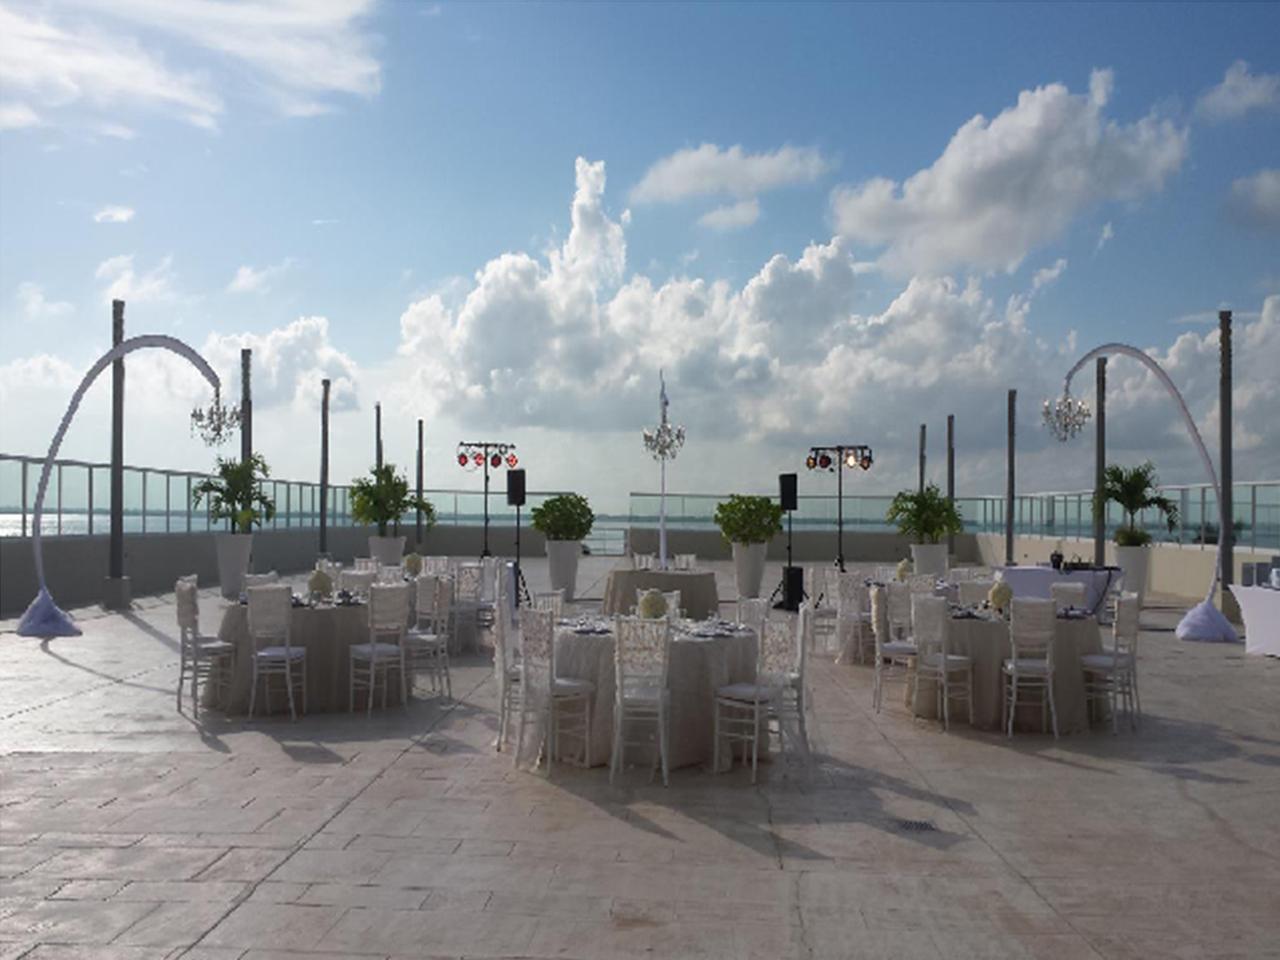 wedding Planner en Monterrey, Boda en la playa, Las mejores bodas en la playa en México -wedding Planner en Monterrey, Boda en la playa, Las mejores bodas en la playa en México - Paquete en cortesia (10 personas o más)